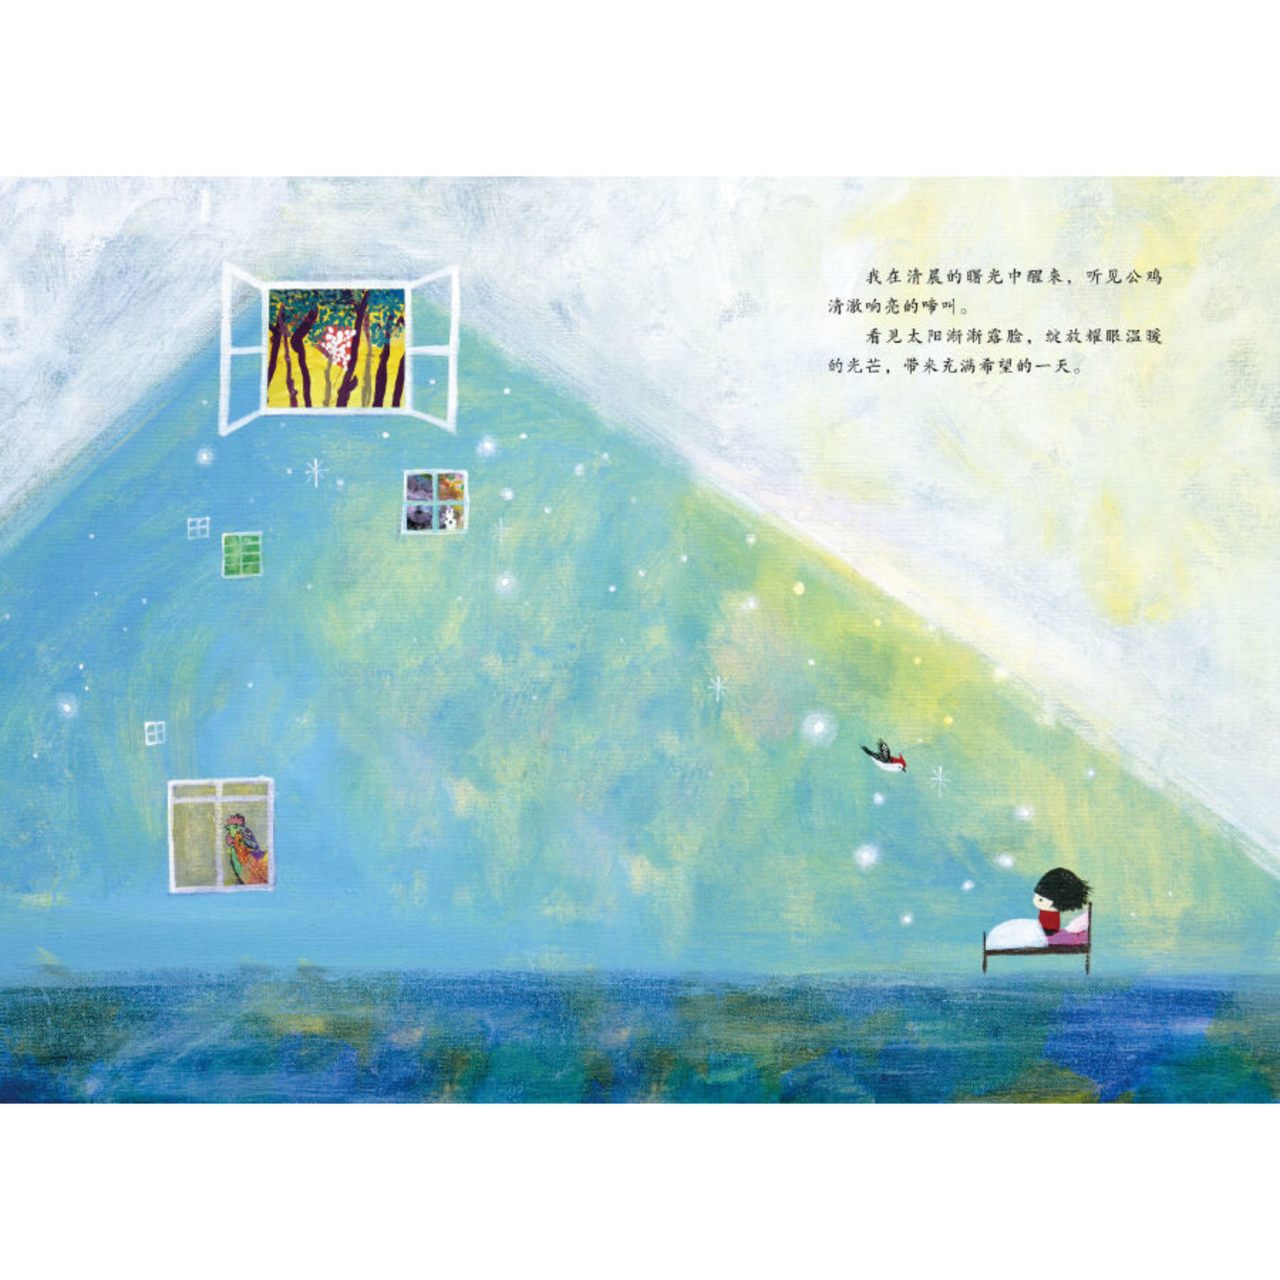 儿童绘本/正版绘本/故事绘本:启发精选华语原创绘本 - 啄木鸟女孩